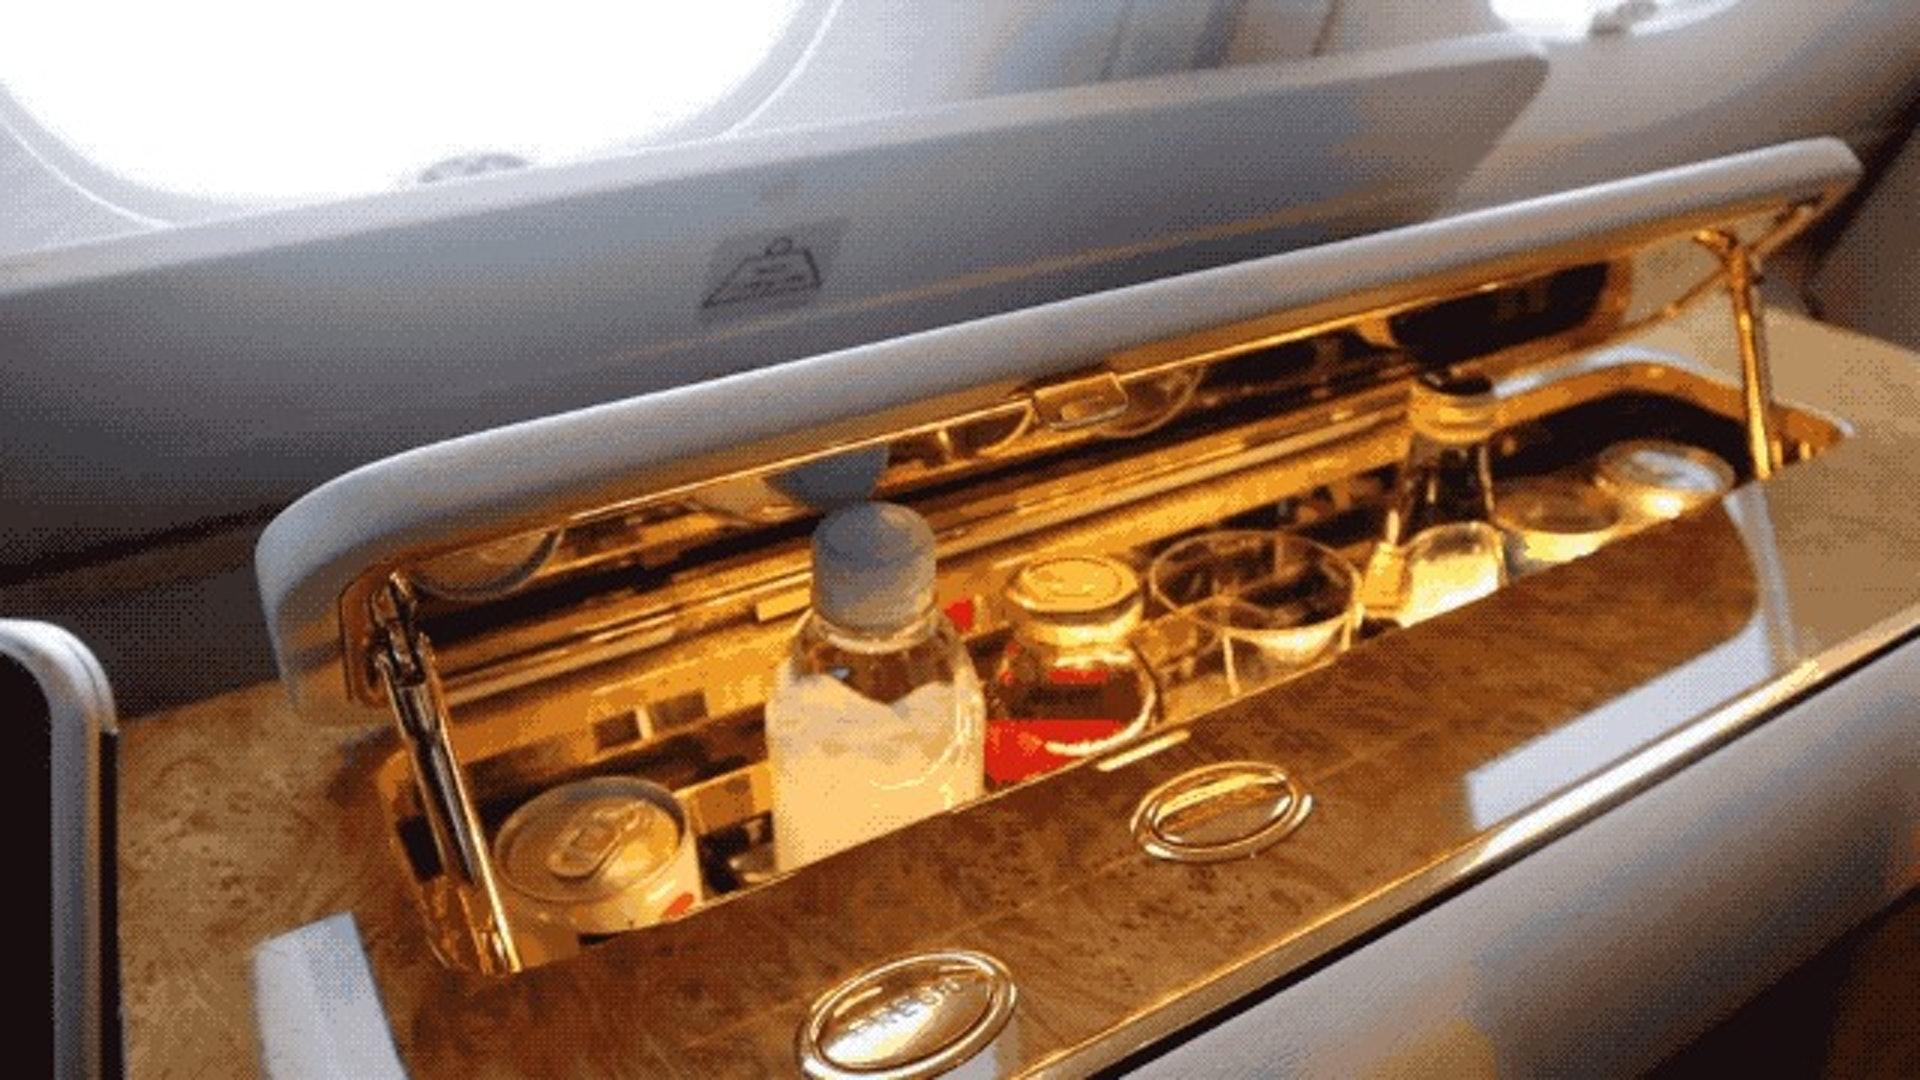 頭等艙的發展是越來越好,越來越個性化。像現在新加坡航空的頭等艙有雙人床;阿聯酋航空有淋浴間,甚至可以在飛機中洗澡,當然還少不了各種電子化設備。(一条授權使用)